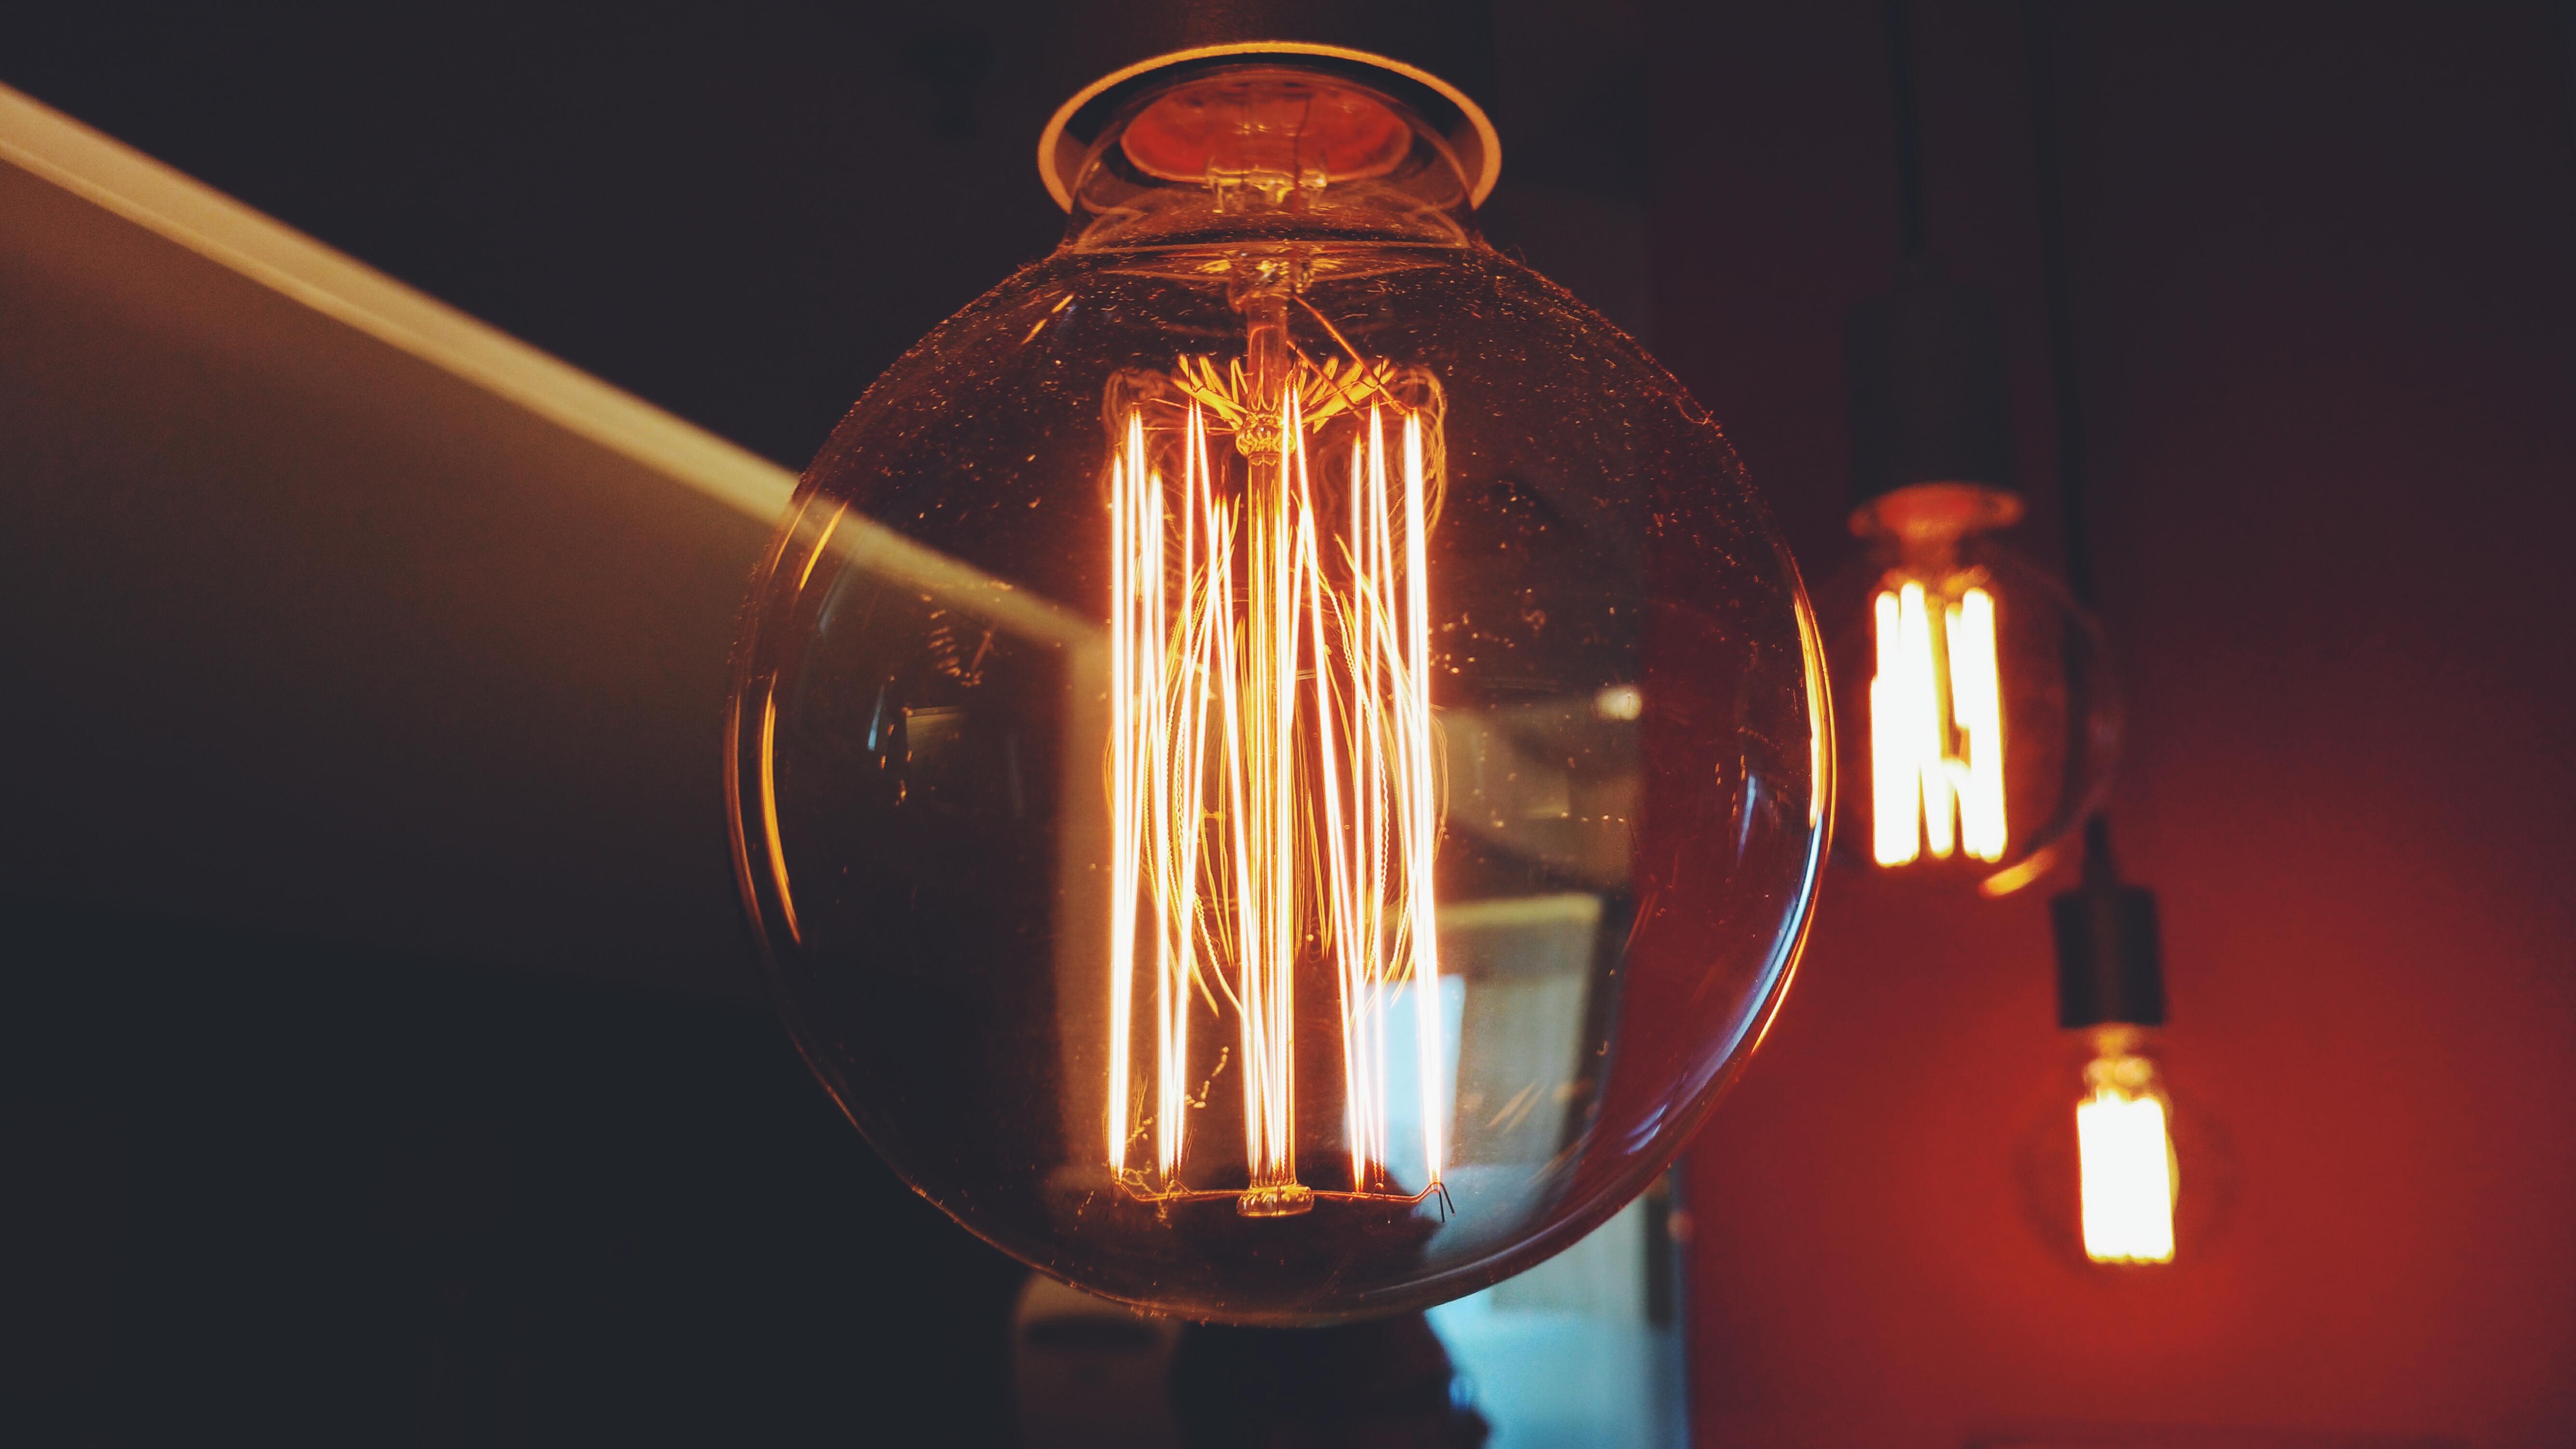 images gratuites lumi re nuit verre lanterne flamme lueur obscurit bouteille lampe. Black Bedroom Furniture Sets. Home Design Ideas